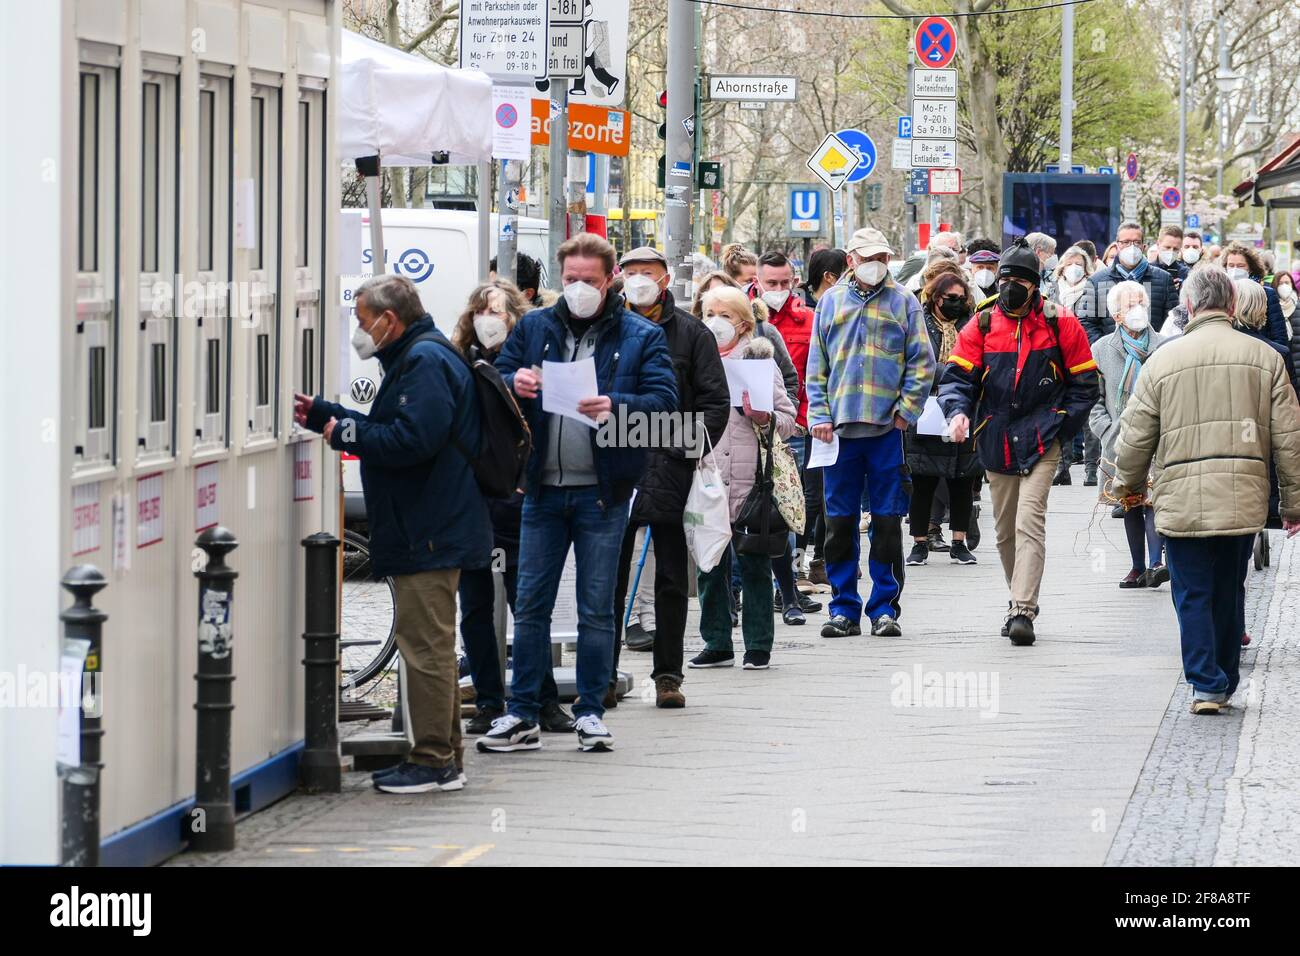 Berlín, Alemania. 12th de Abr de 2021. La gente espera las pruebas COVID-19 fuera de un lugar de prueba en Berlín, capital de Alemania, el 12 de abril de 2021. Más de tres millones de infecciones por COVID-19 se han registrado en Alemania el lunes desde el brote de la pandemia, según el Instituto Robert Koch (RKI). Crédito: Stefan Zeitz/Xinhua/Alamy Live News Foto de stock